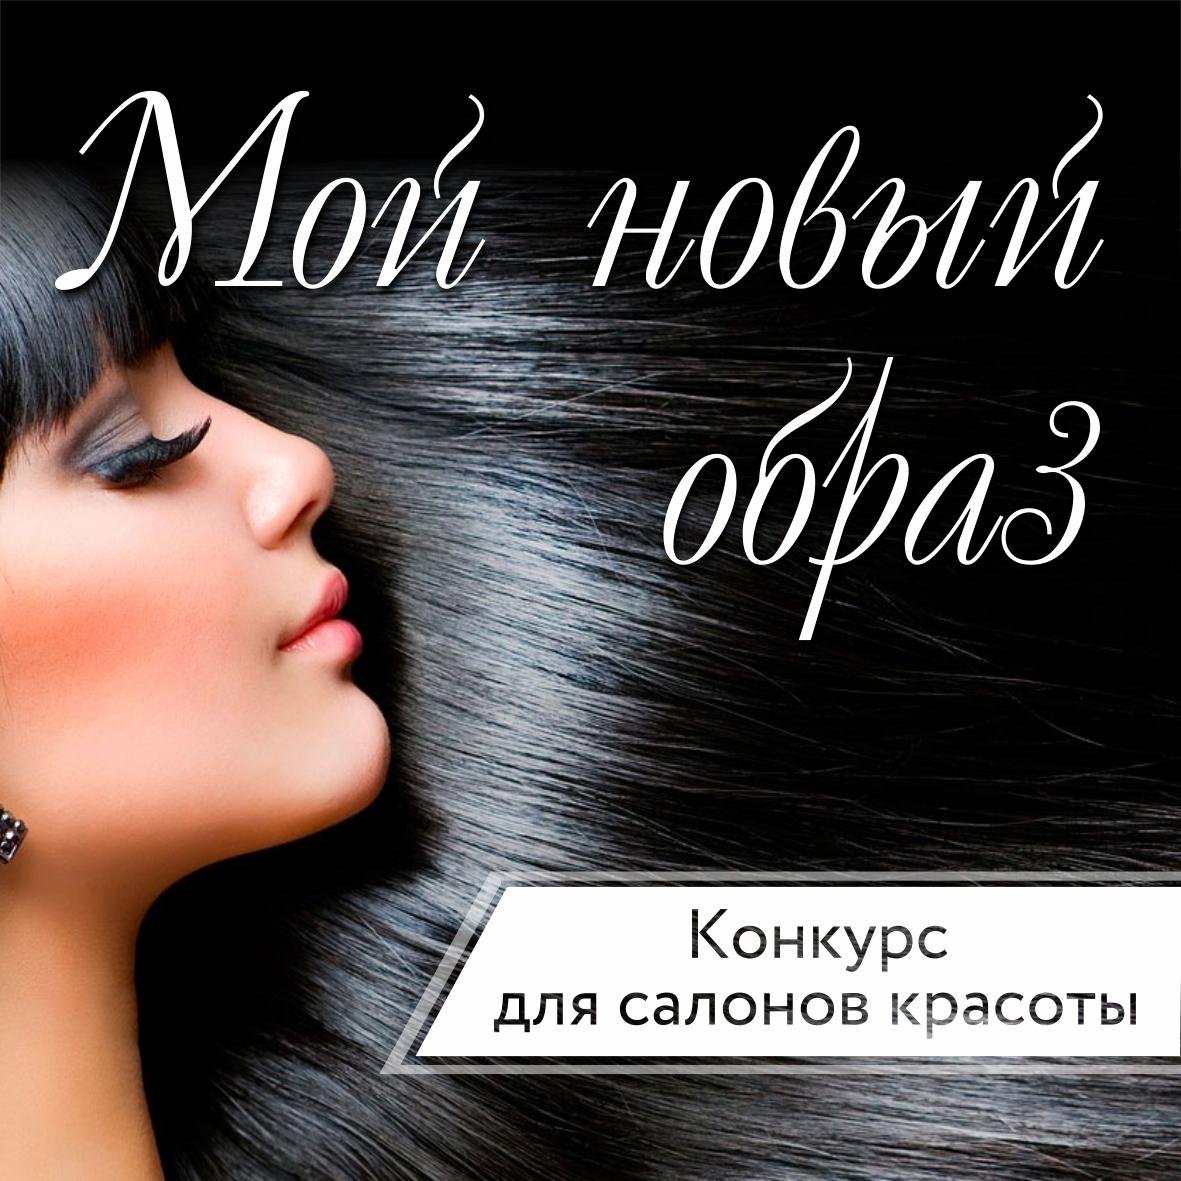 Покажите Новороссийску ваш новый образ